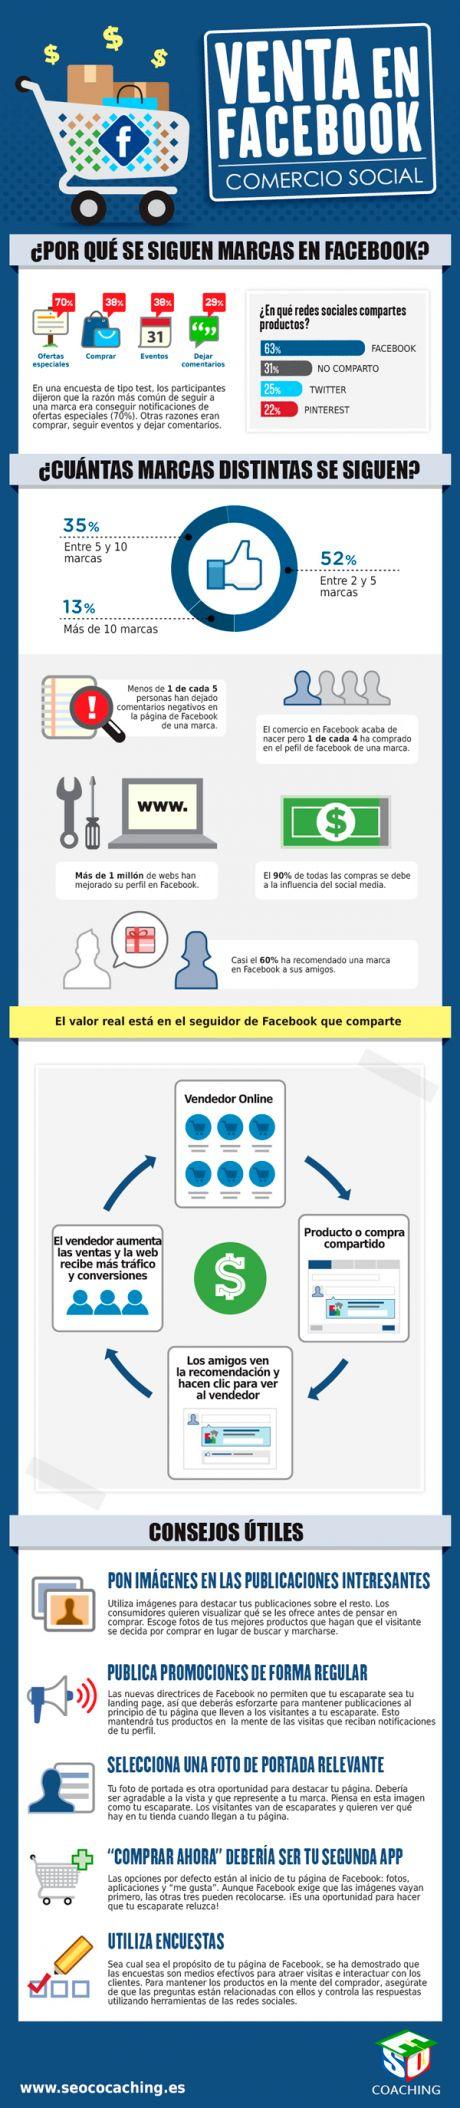 Utiliza tu página de #Facebook para realizar más ventas con los trucos de esta #infografia. Muchos usuarios son fans de alguna marca, aprovecha para darle más visibilidad a tus productos con imágenes. #marketingonline @seocoaching360